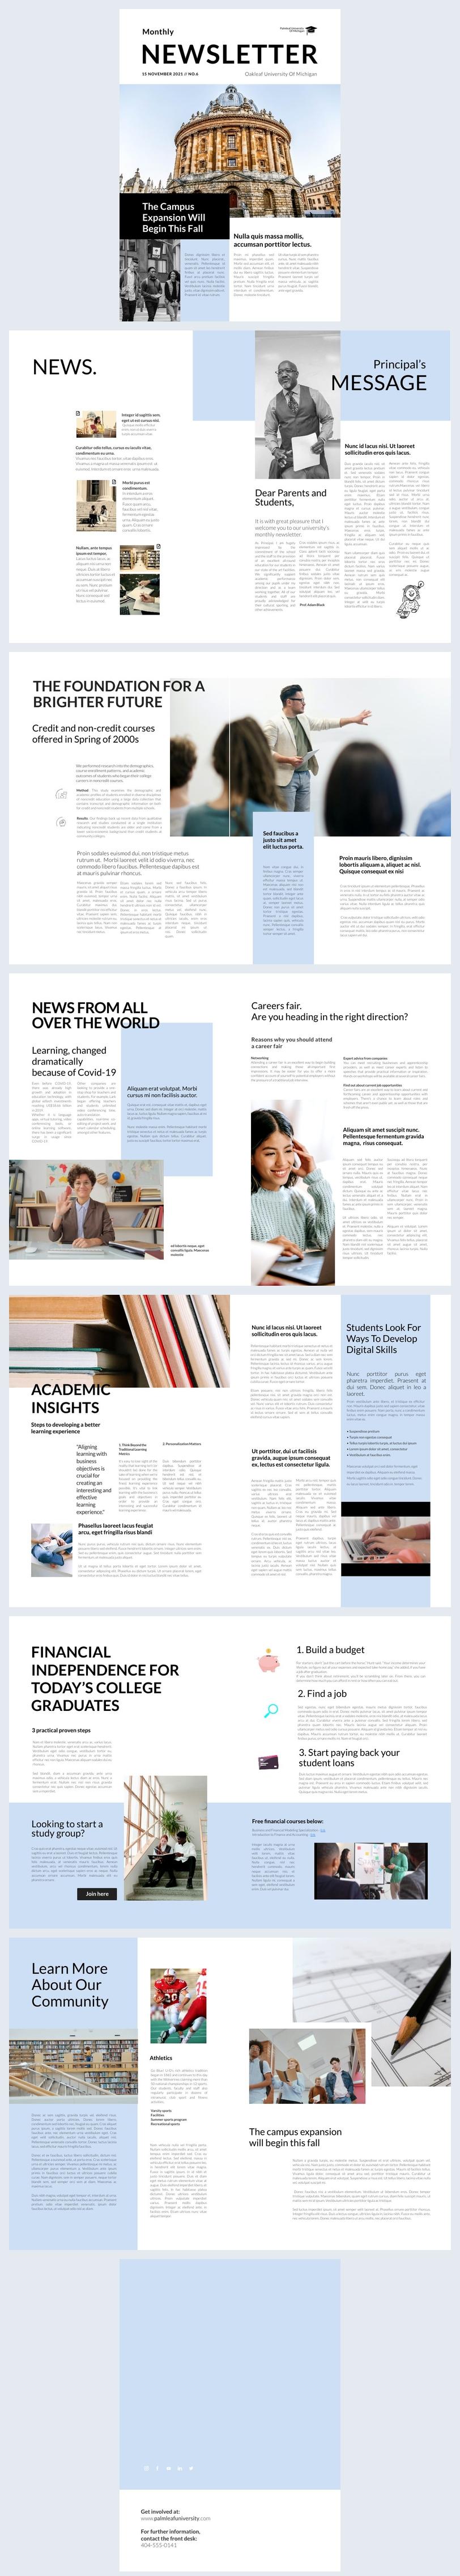 Exemplo de Design Personalizável de Newsletter Interativa de Universidade